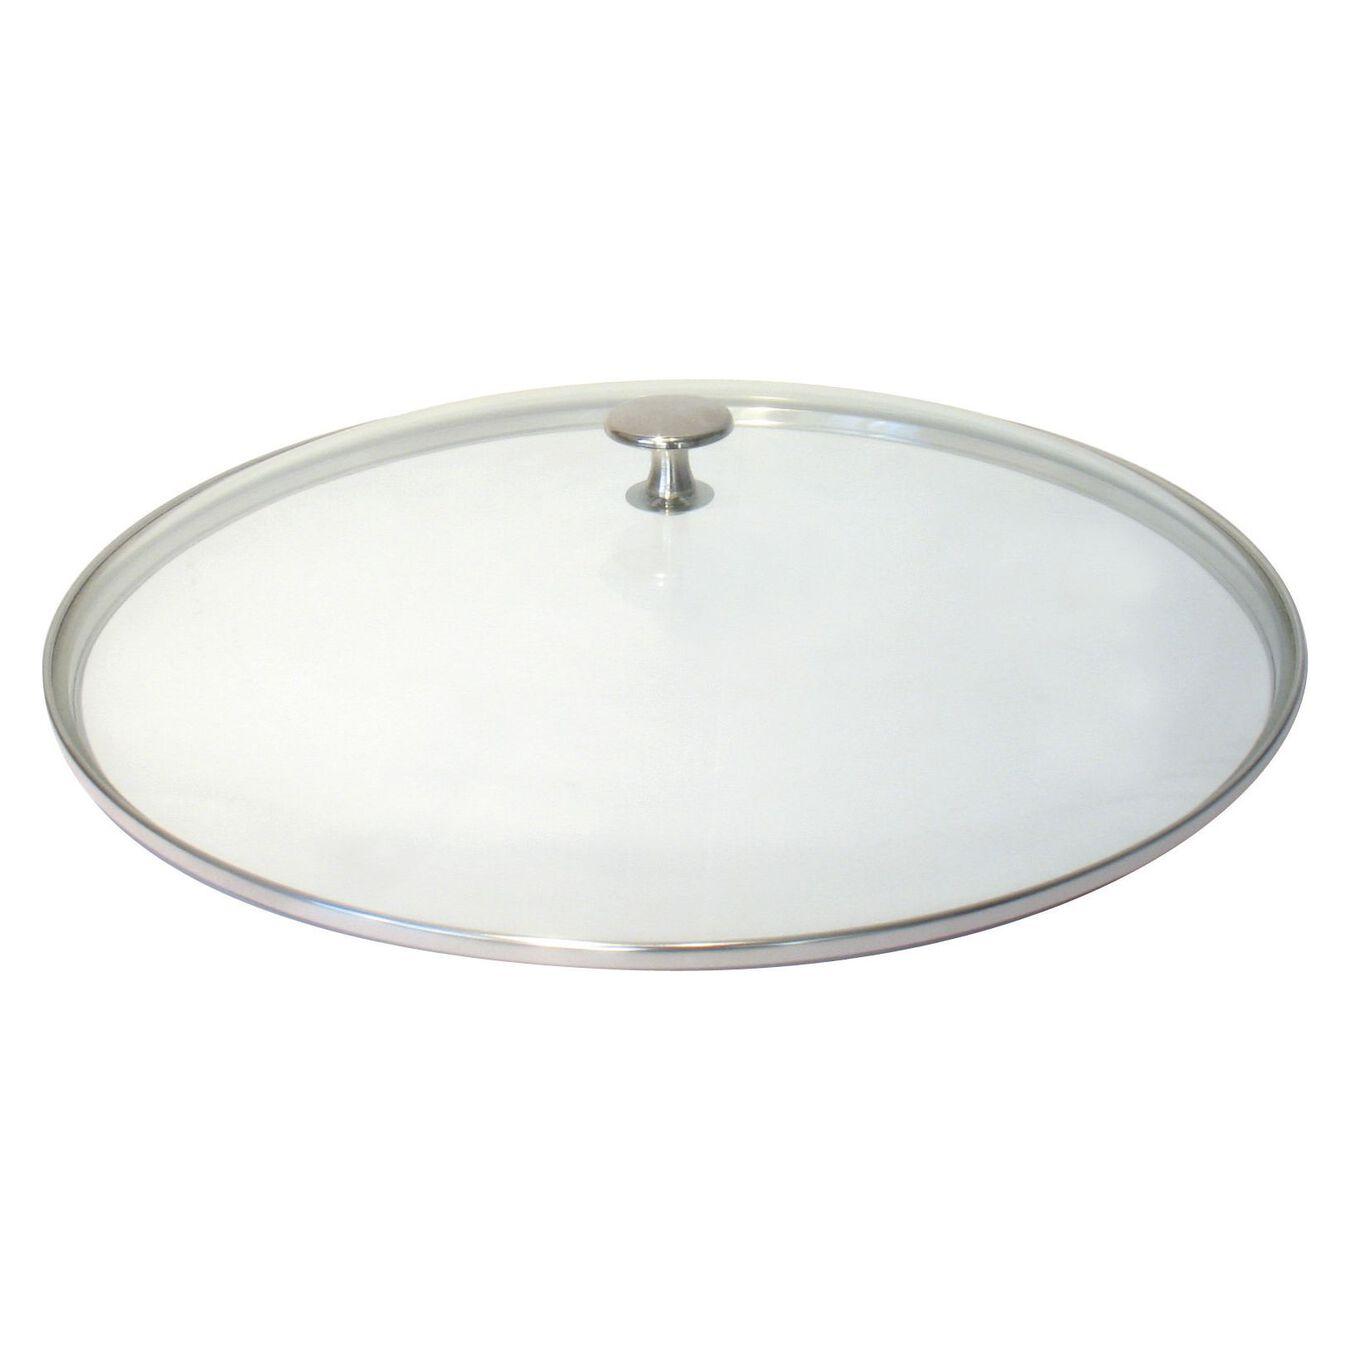 Coperchio - 37 cm, vetro,,large 1